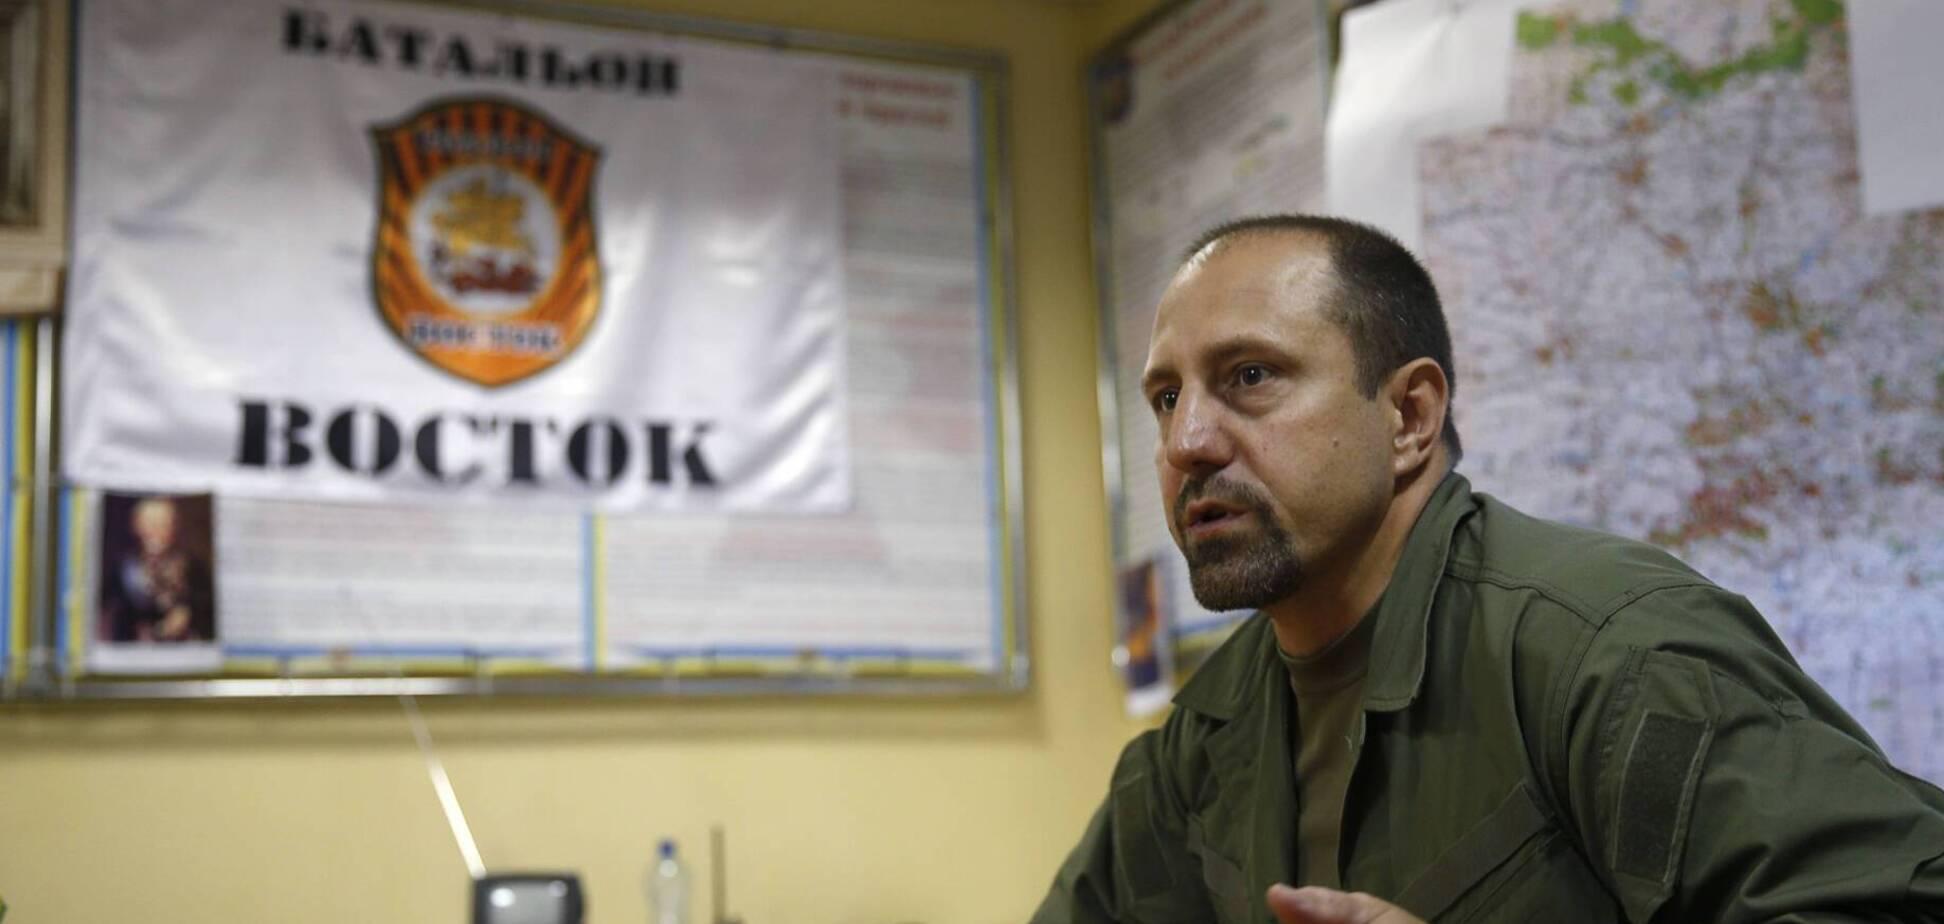 Ходаковский признался, как в 2014 году сколотил ОПГ и занимался бандитизмом в 'ДНР'